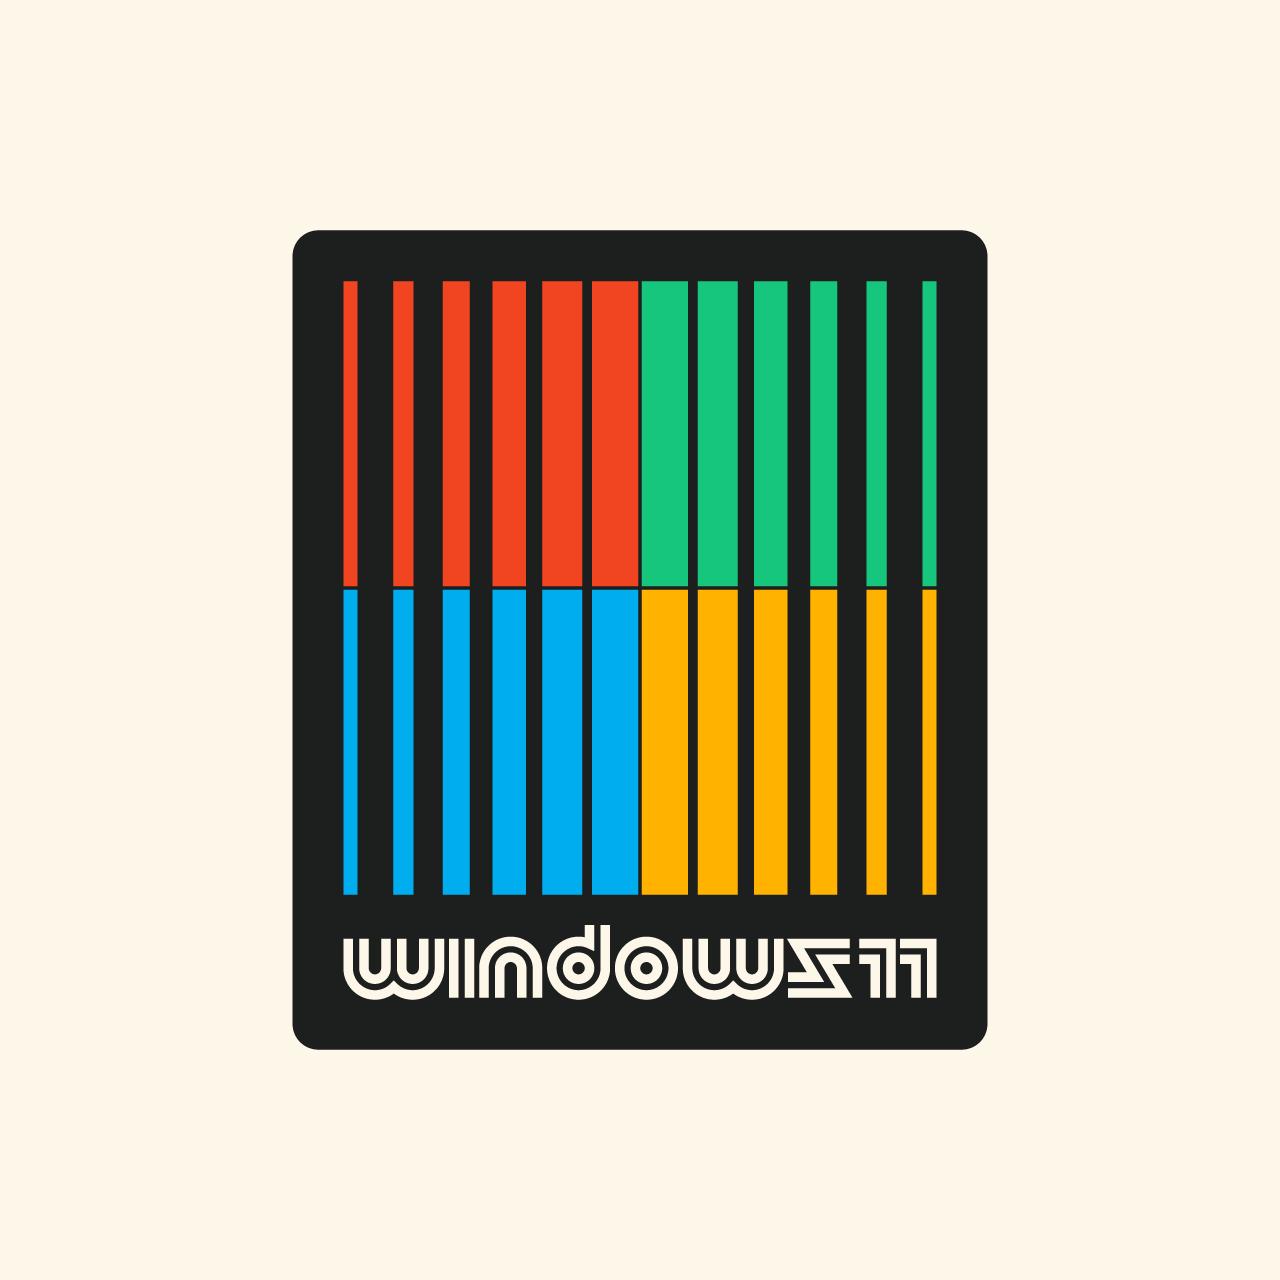 windows-11